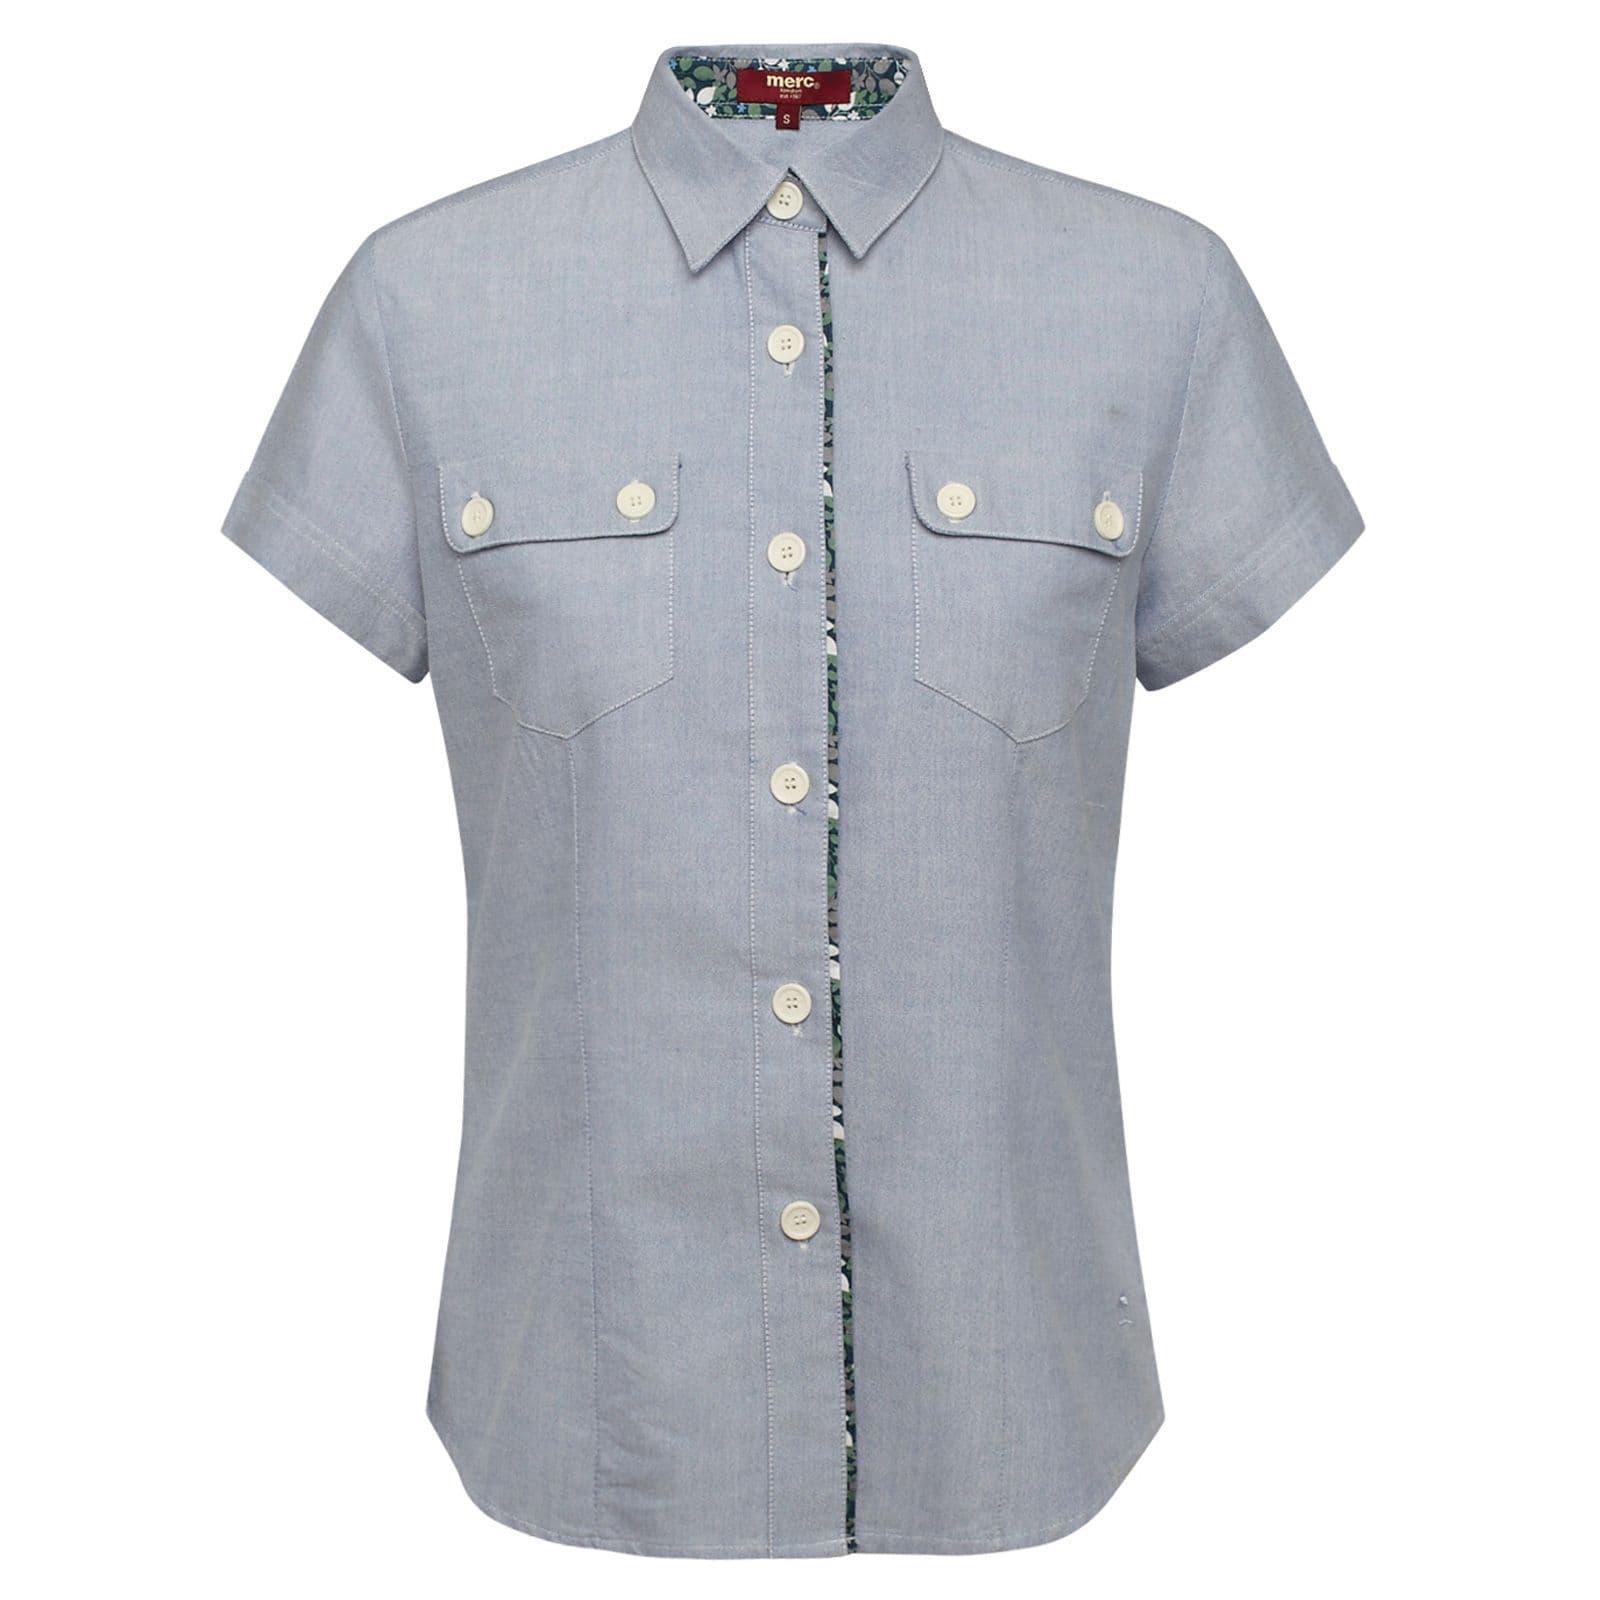 Рубашка BeccaЖенское под заказ<br><br><br>Артикул: 2512102<br>Материал: 100% хлопок<br>Цвет: светло-голубой<br>Пол: Мужской